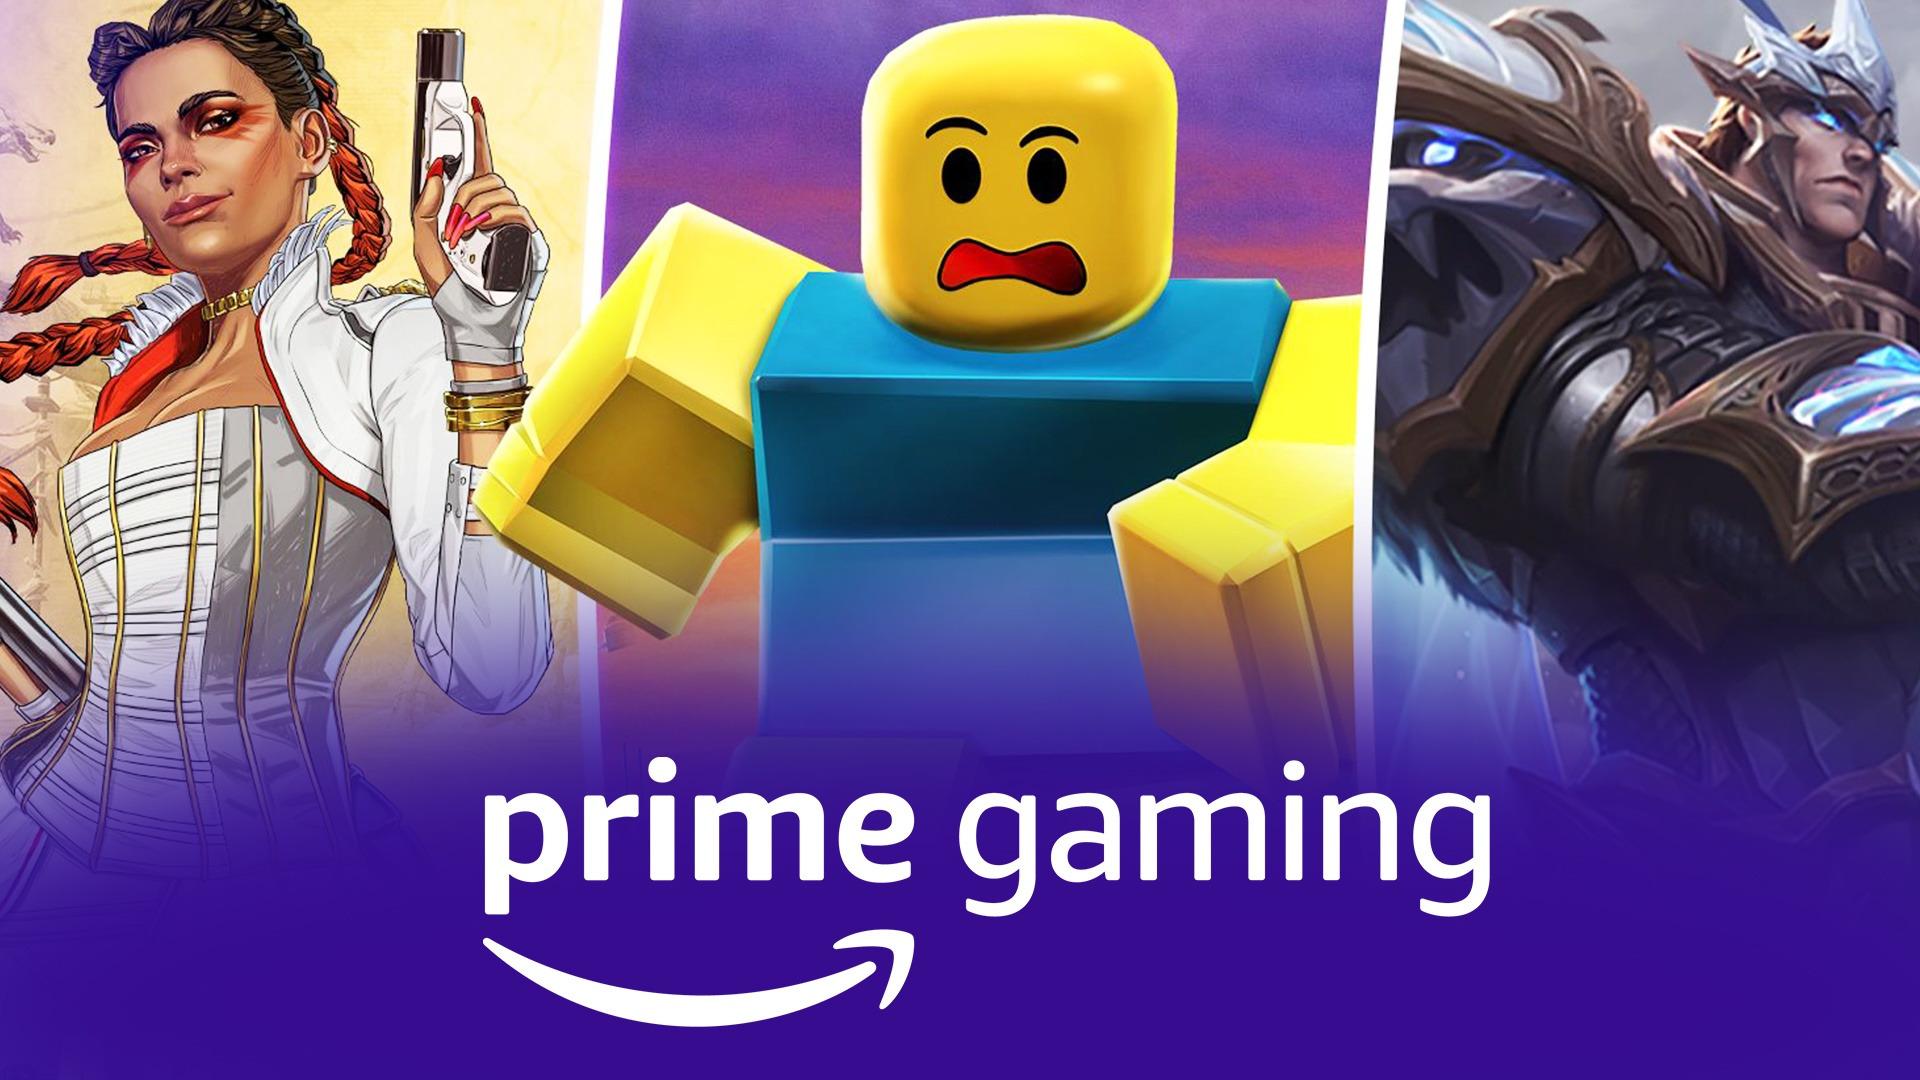 Gaming, Spiele, Amazon, Logo, Games, Prime Gaming